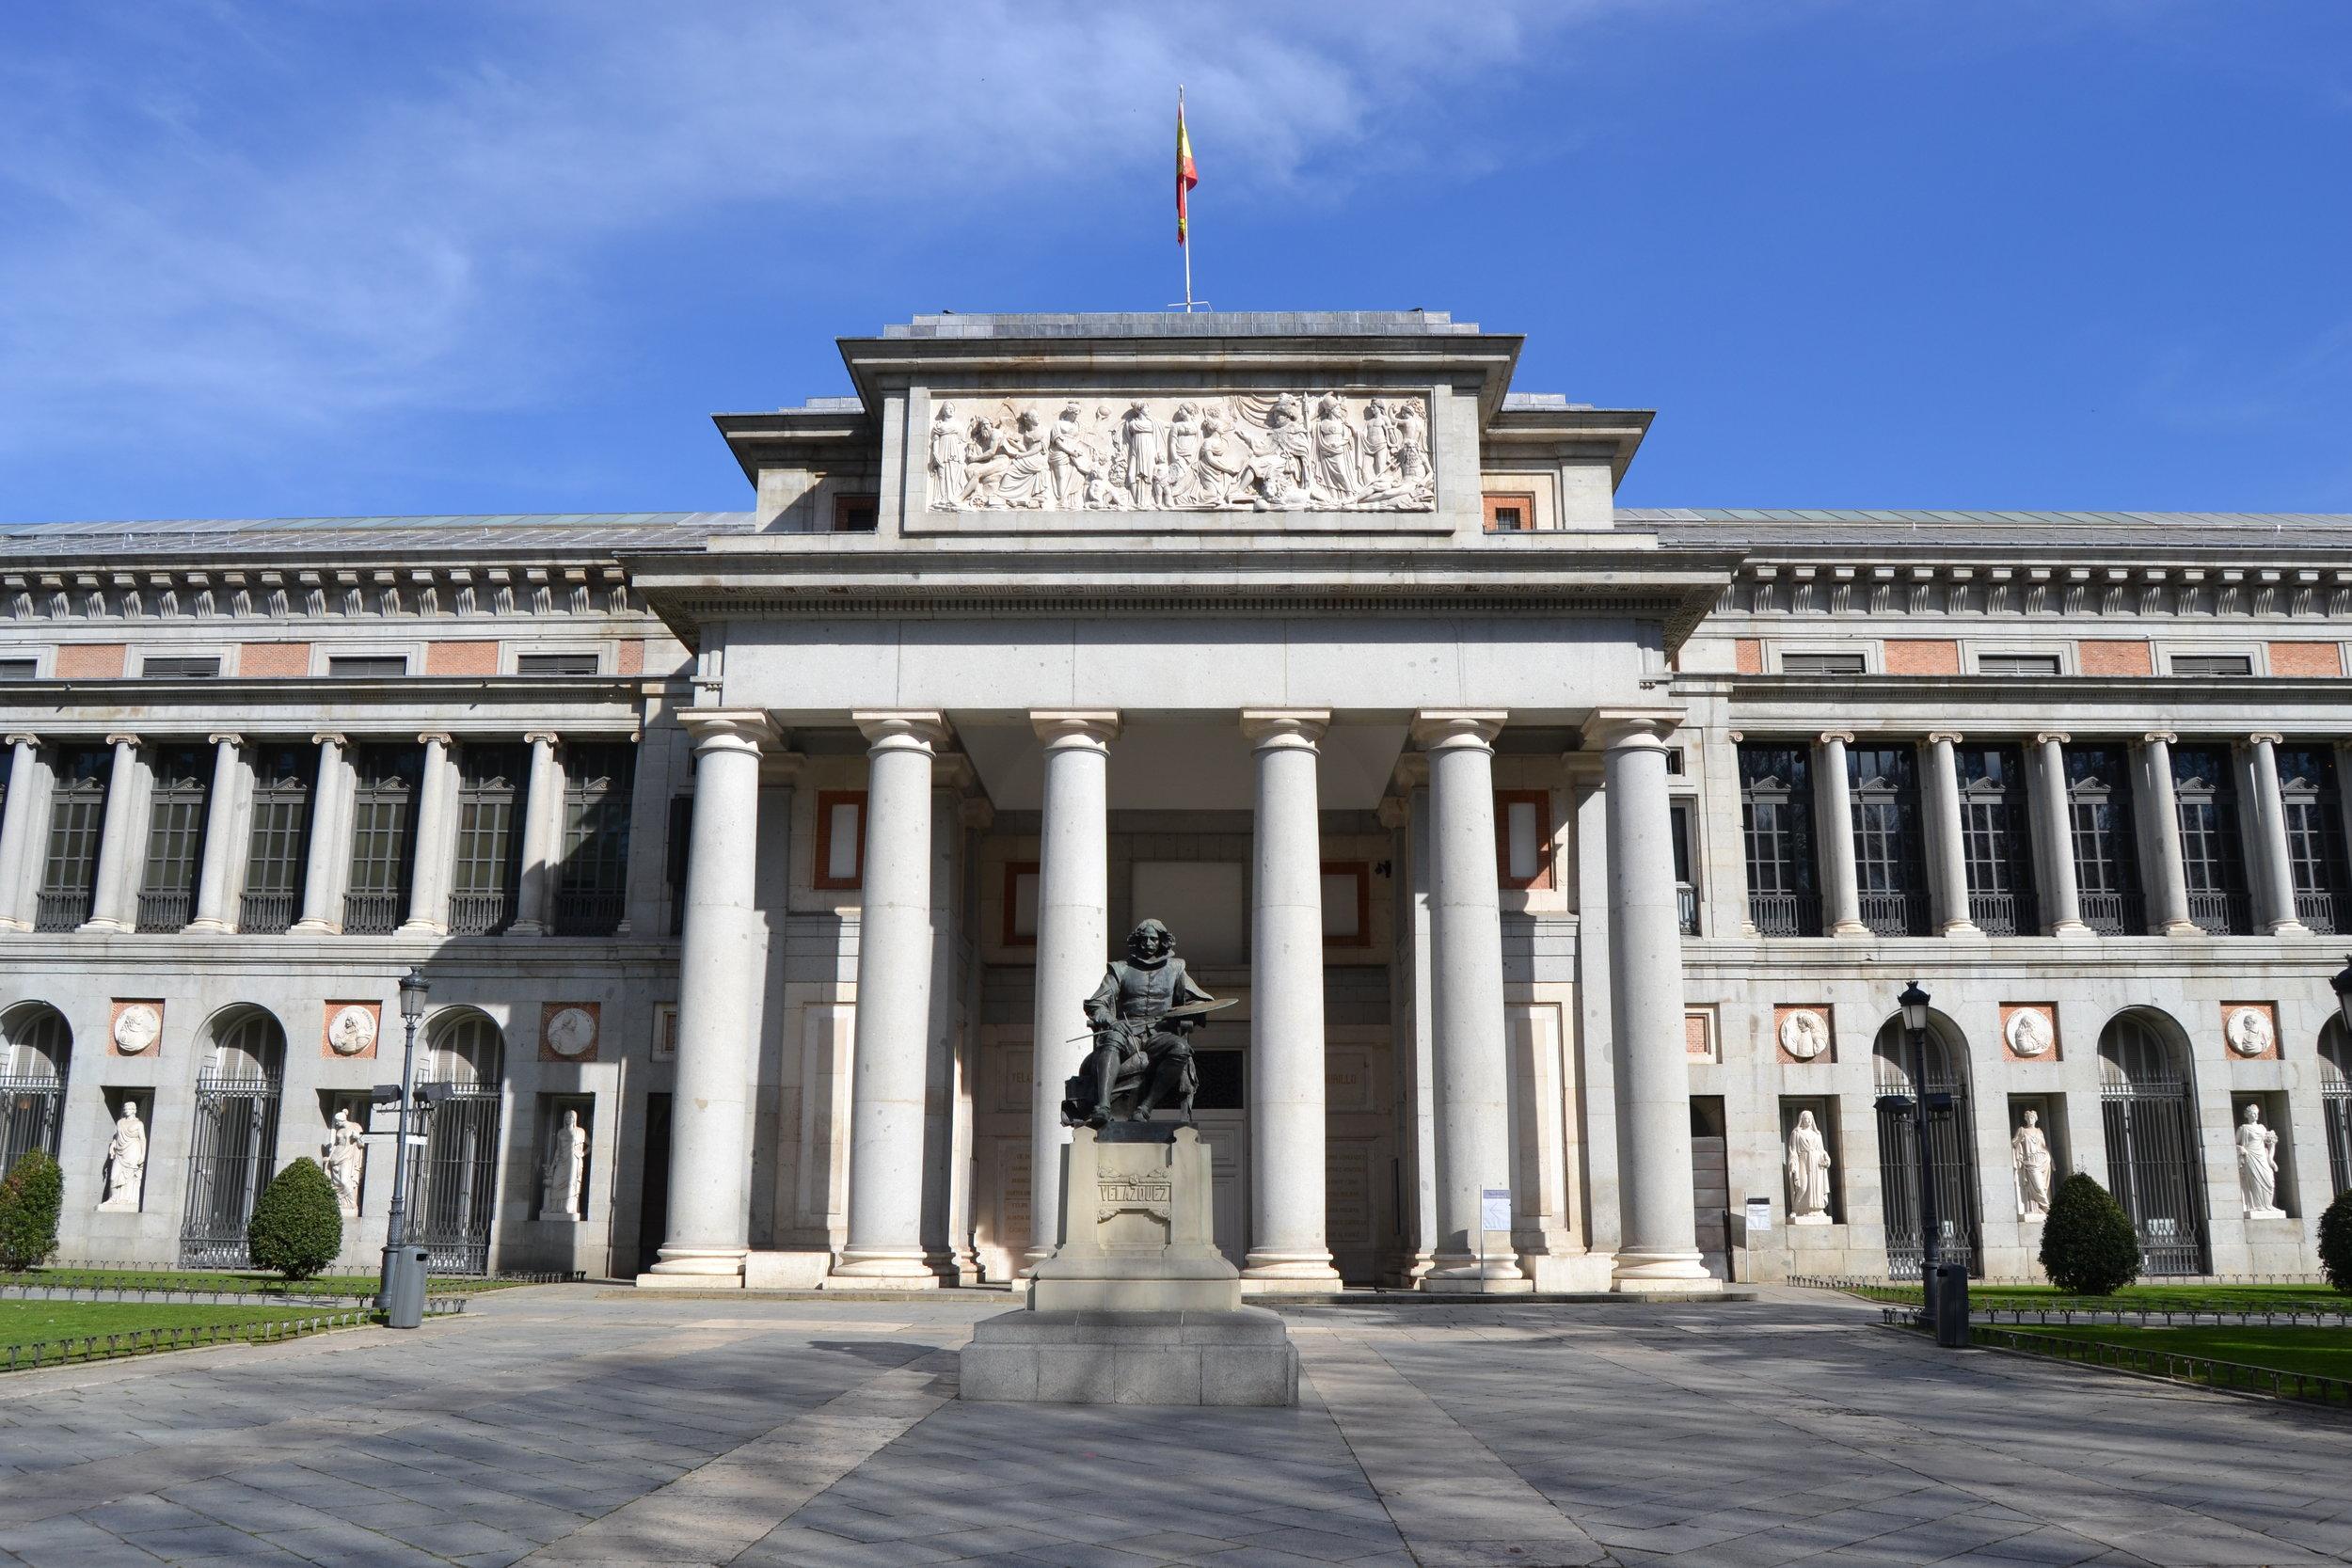 Museo_del_Prado_2016_(25185969599).jpg